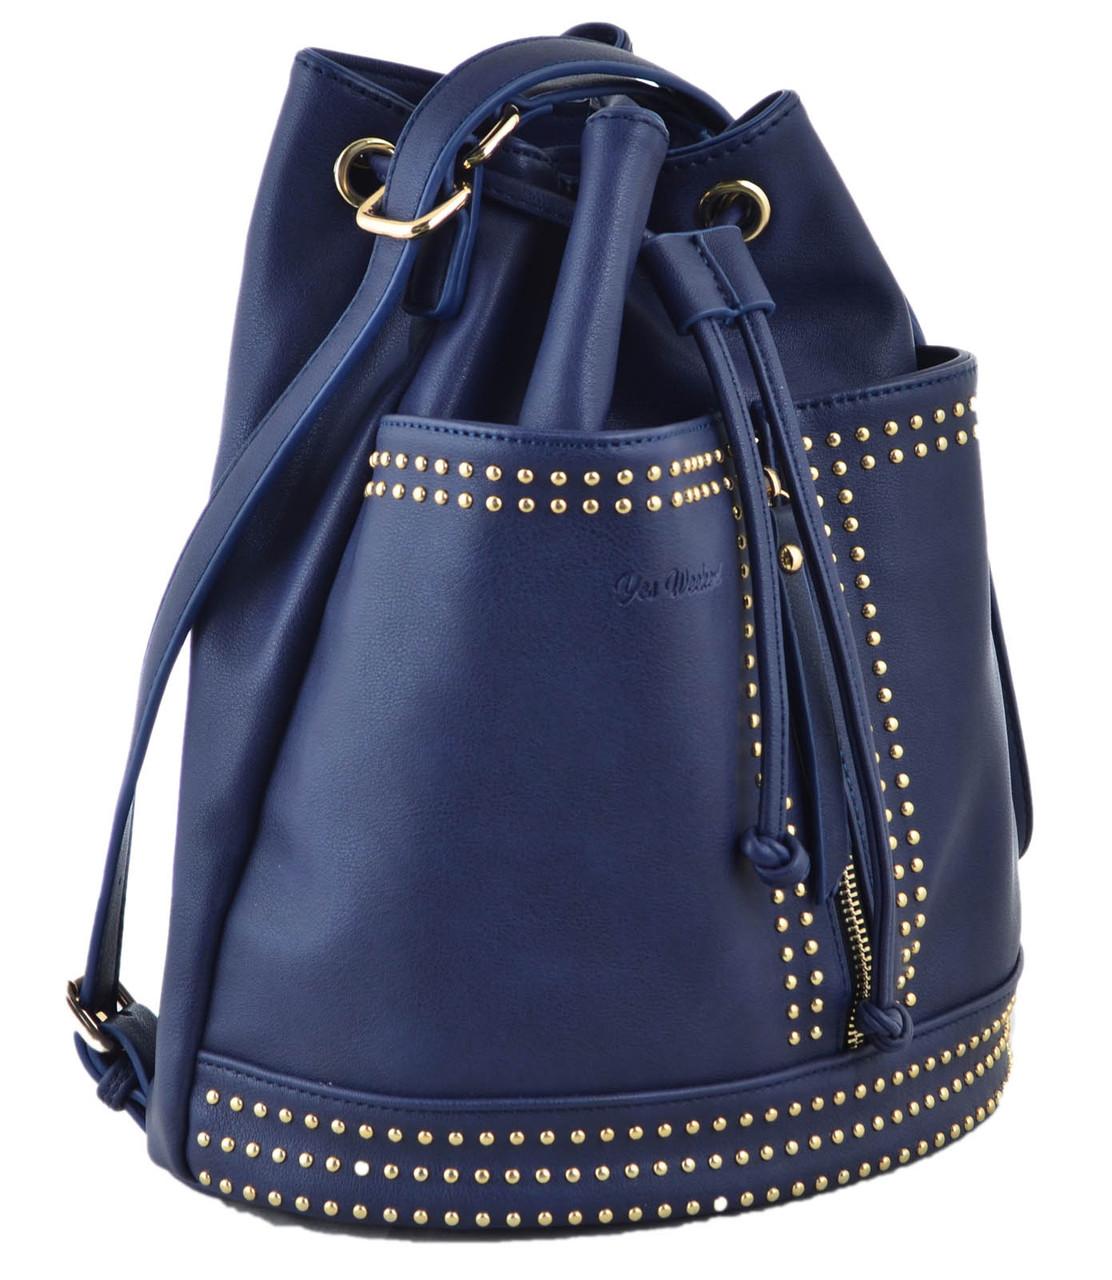 Сумка- рюкзак YES, темно-синий, 30*27*15.5 , код: 554152